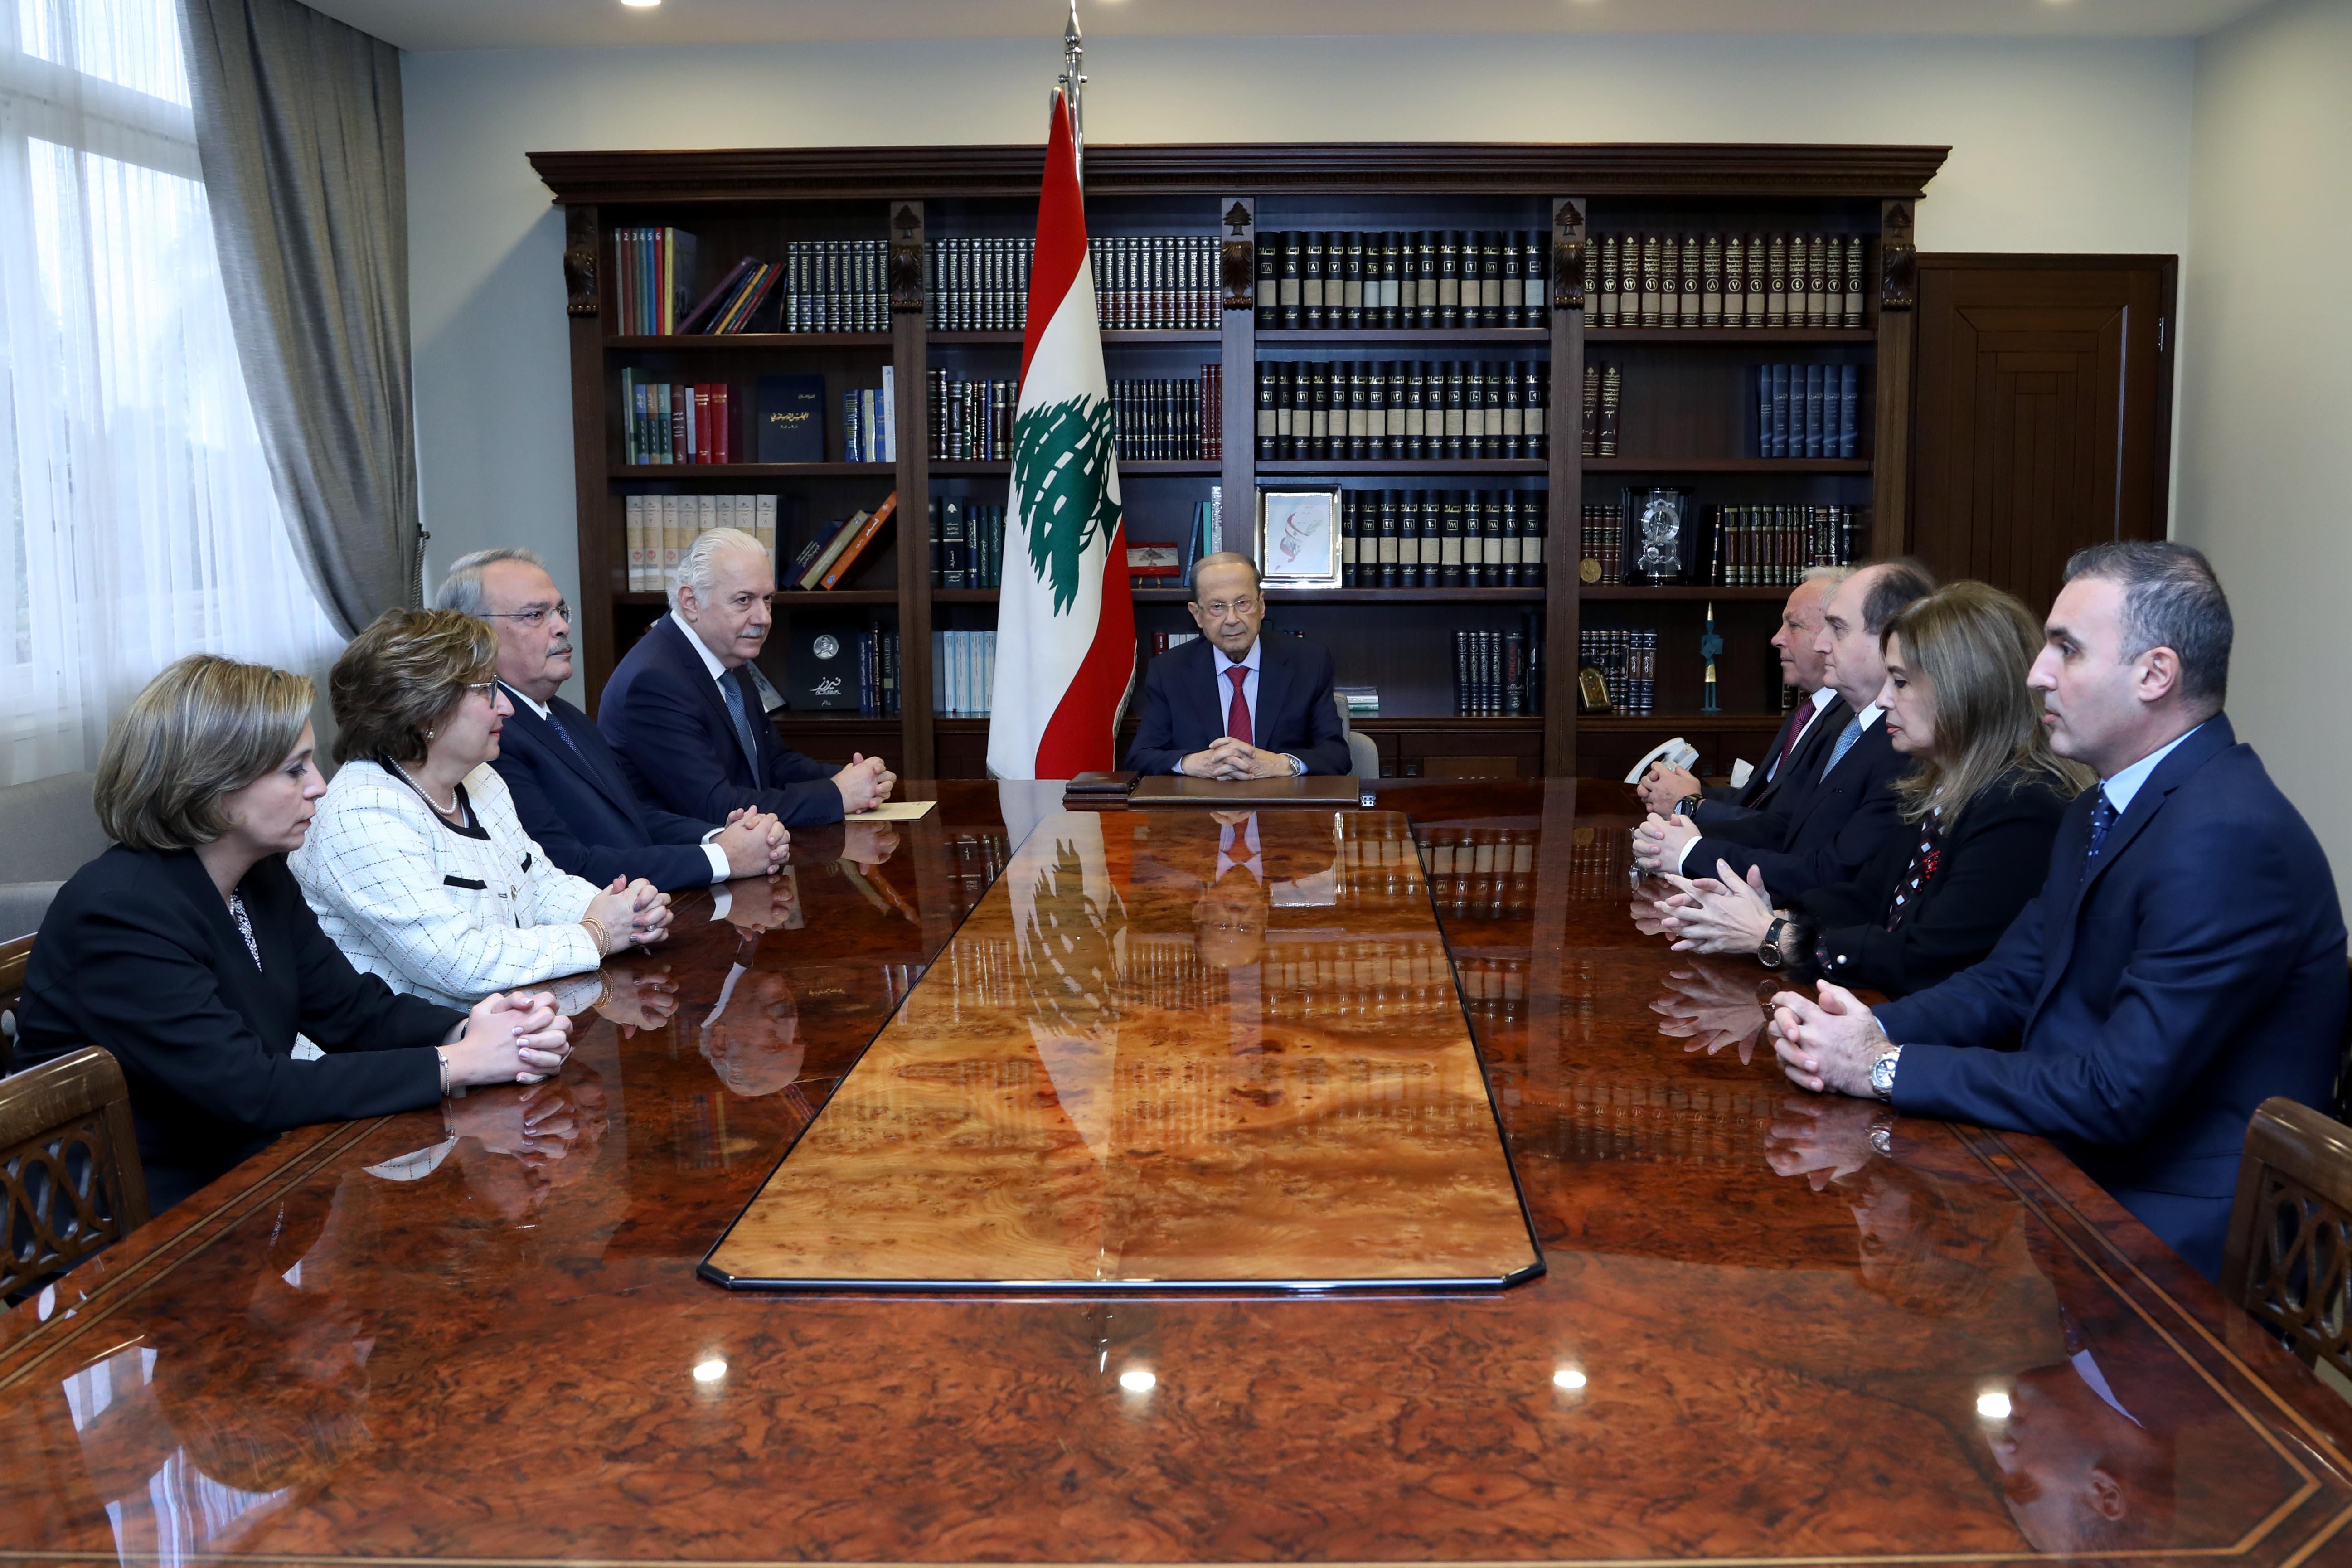 2 - Supreme Judicial Council